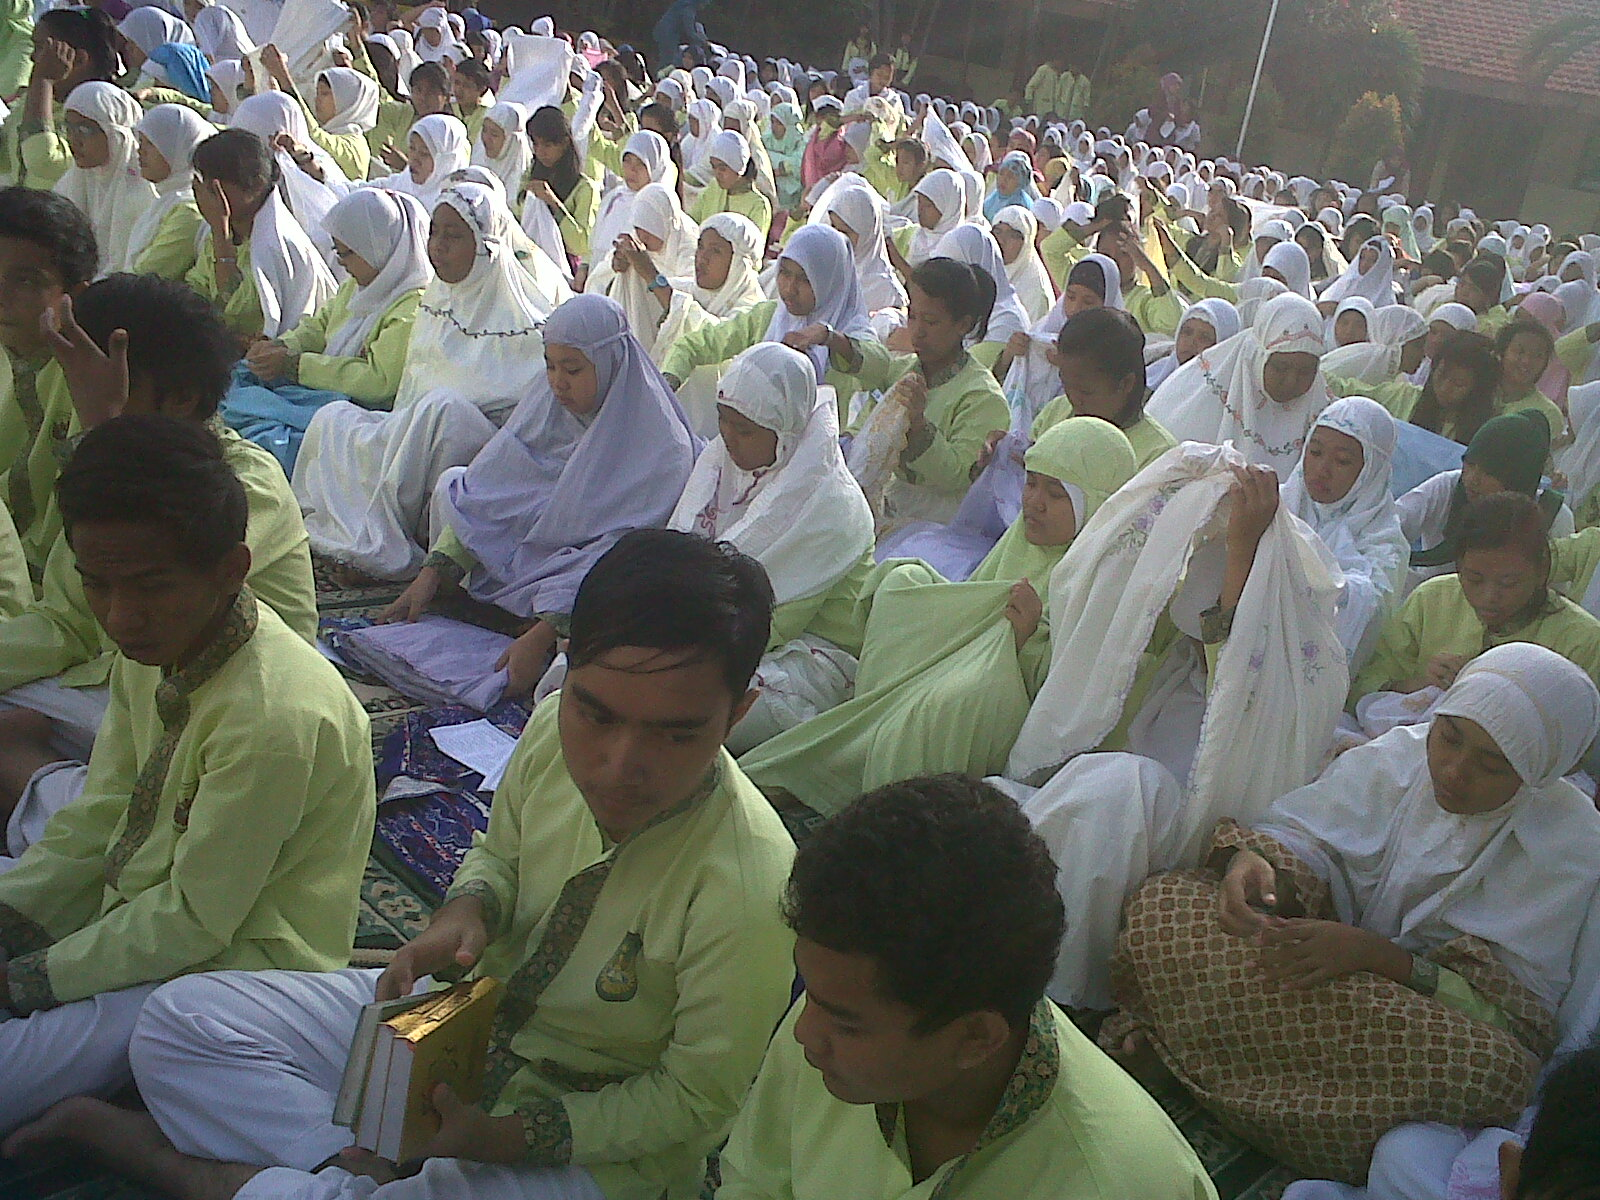 Foto ini saya ambil setelah siswa menyelesaikan Sholat Duha dan Sholat